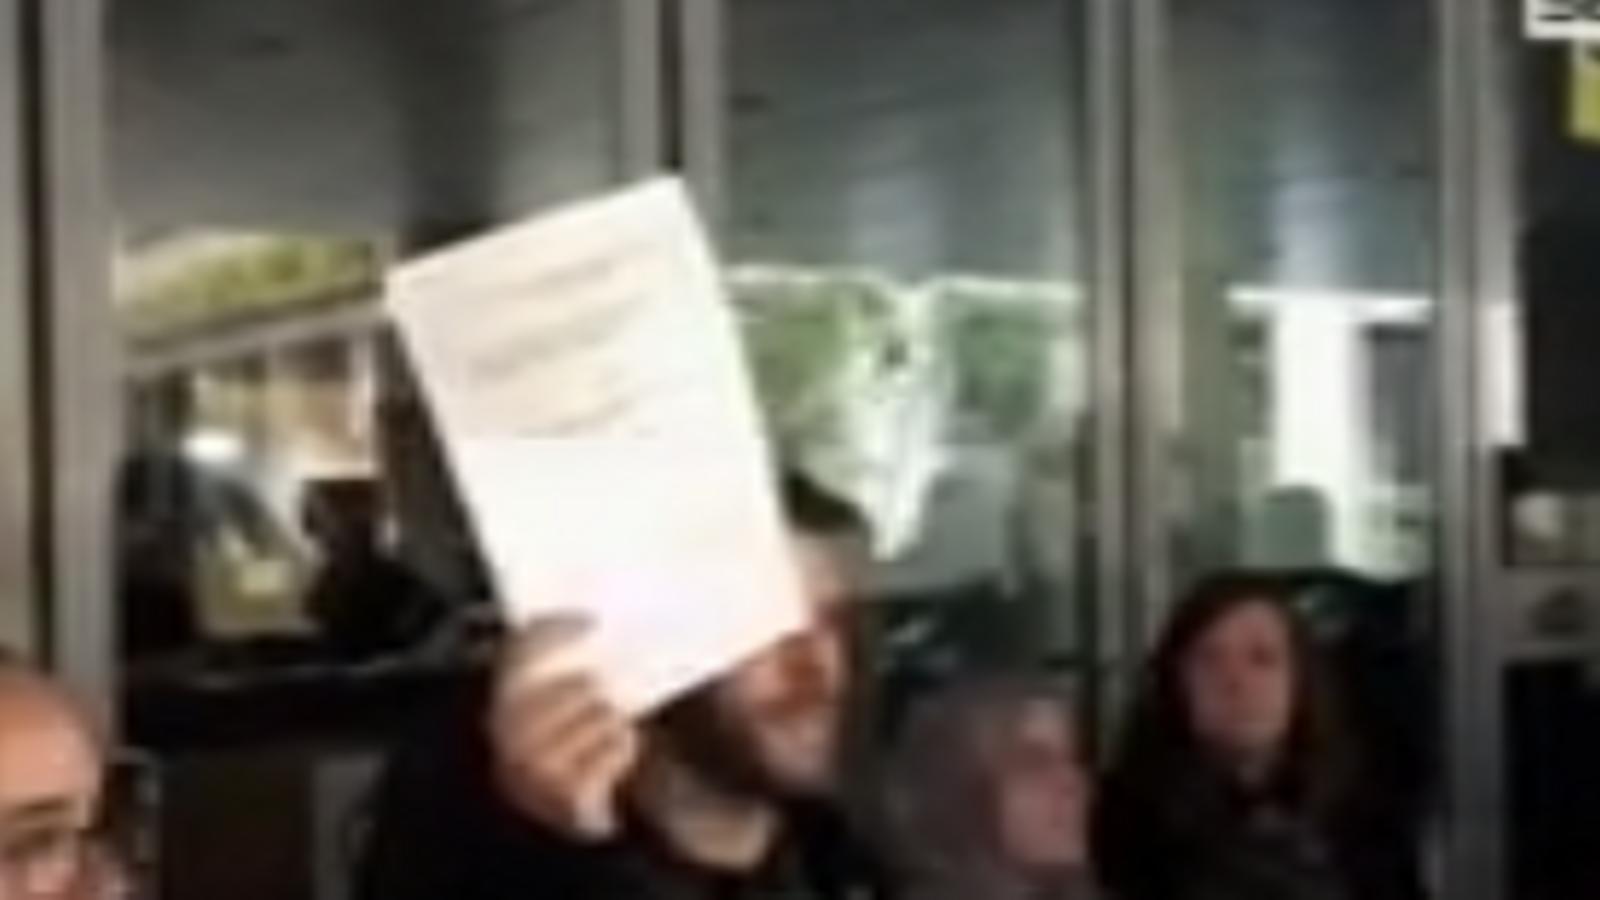 El moment en què els regidors de l'Ajuntament de Badalona estripen la interlocutòria del jutge